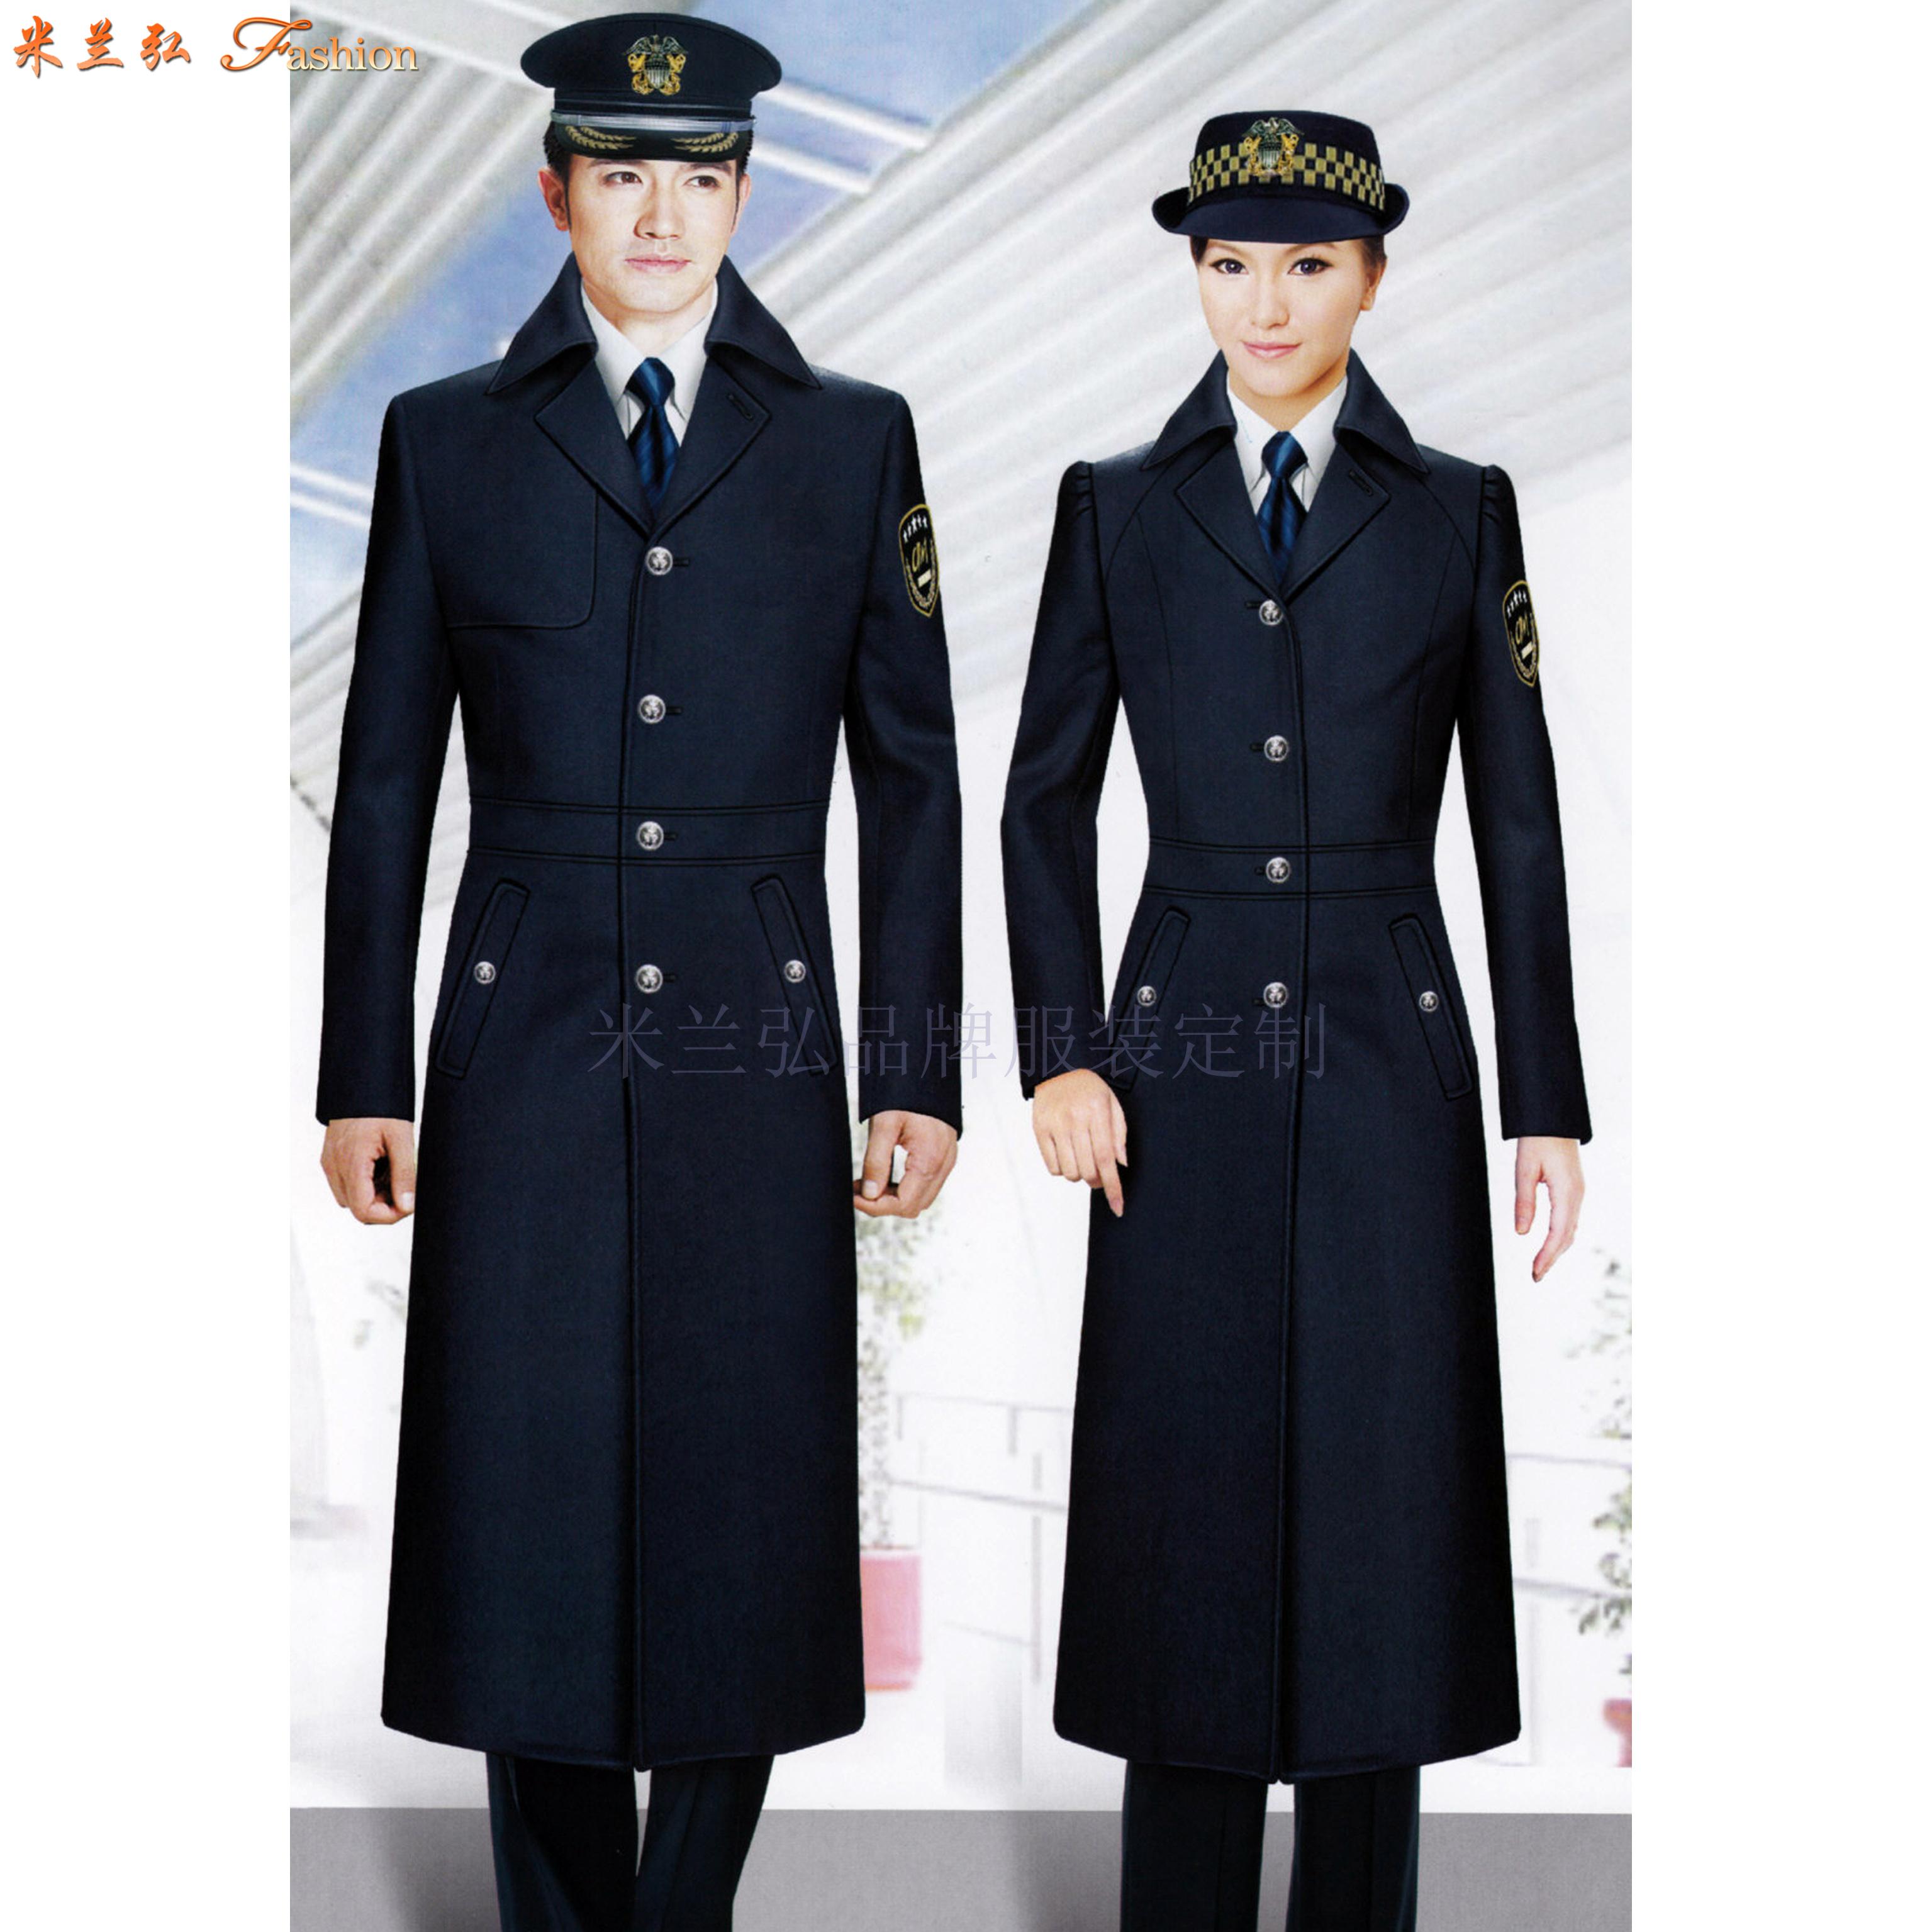 「高铁大衣」量体定做高铁乘务员男女保暖羊毛大衣-米兰弘服装-1